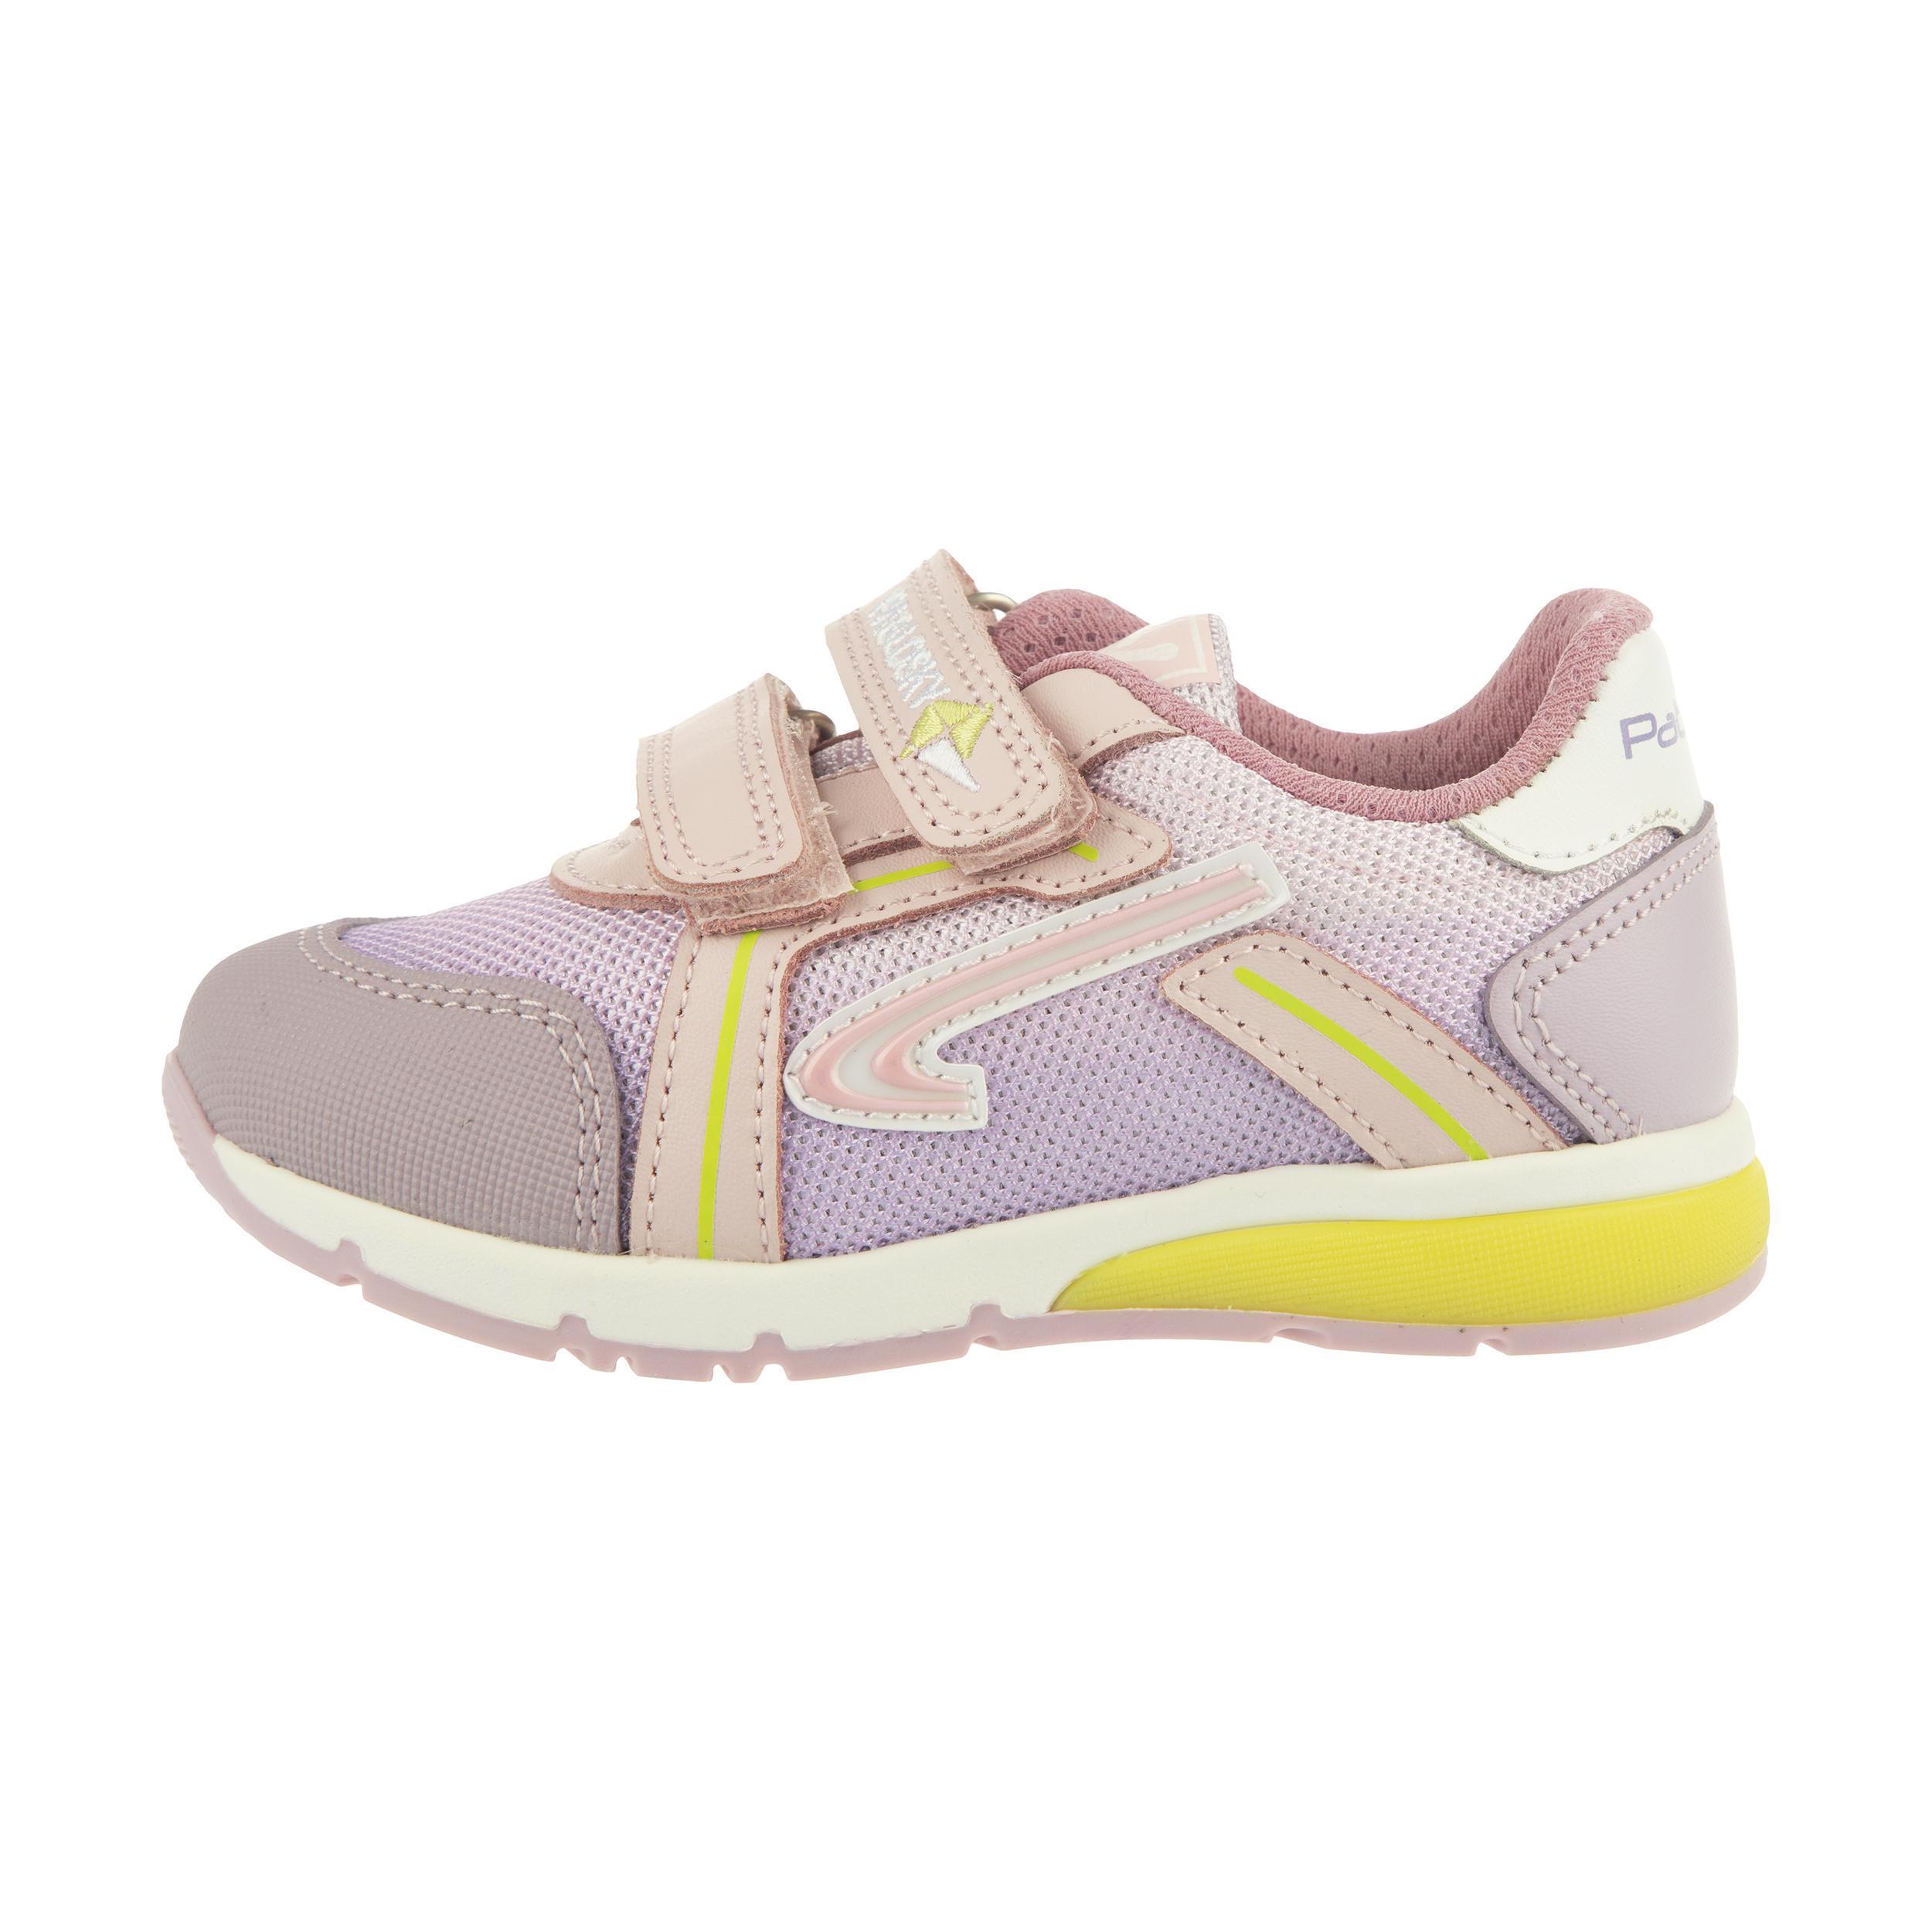 کفش راحتی دخترانه پابلوسکی مدل 275271